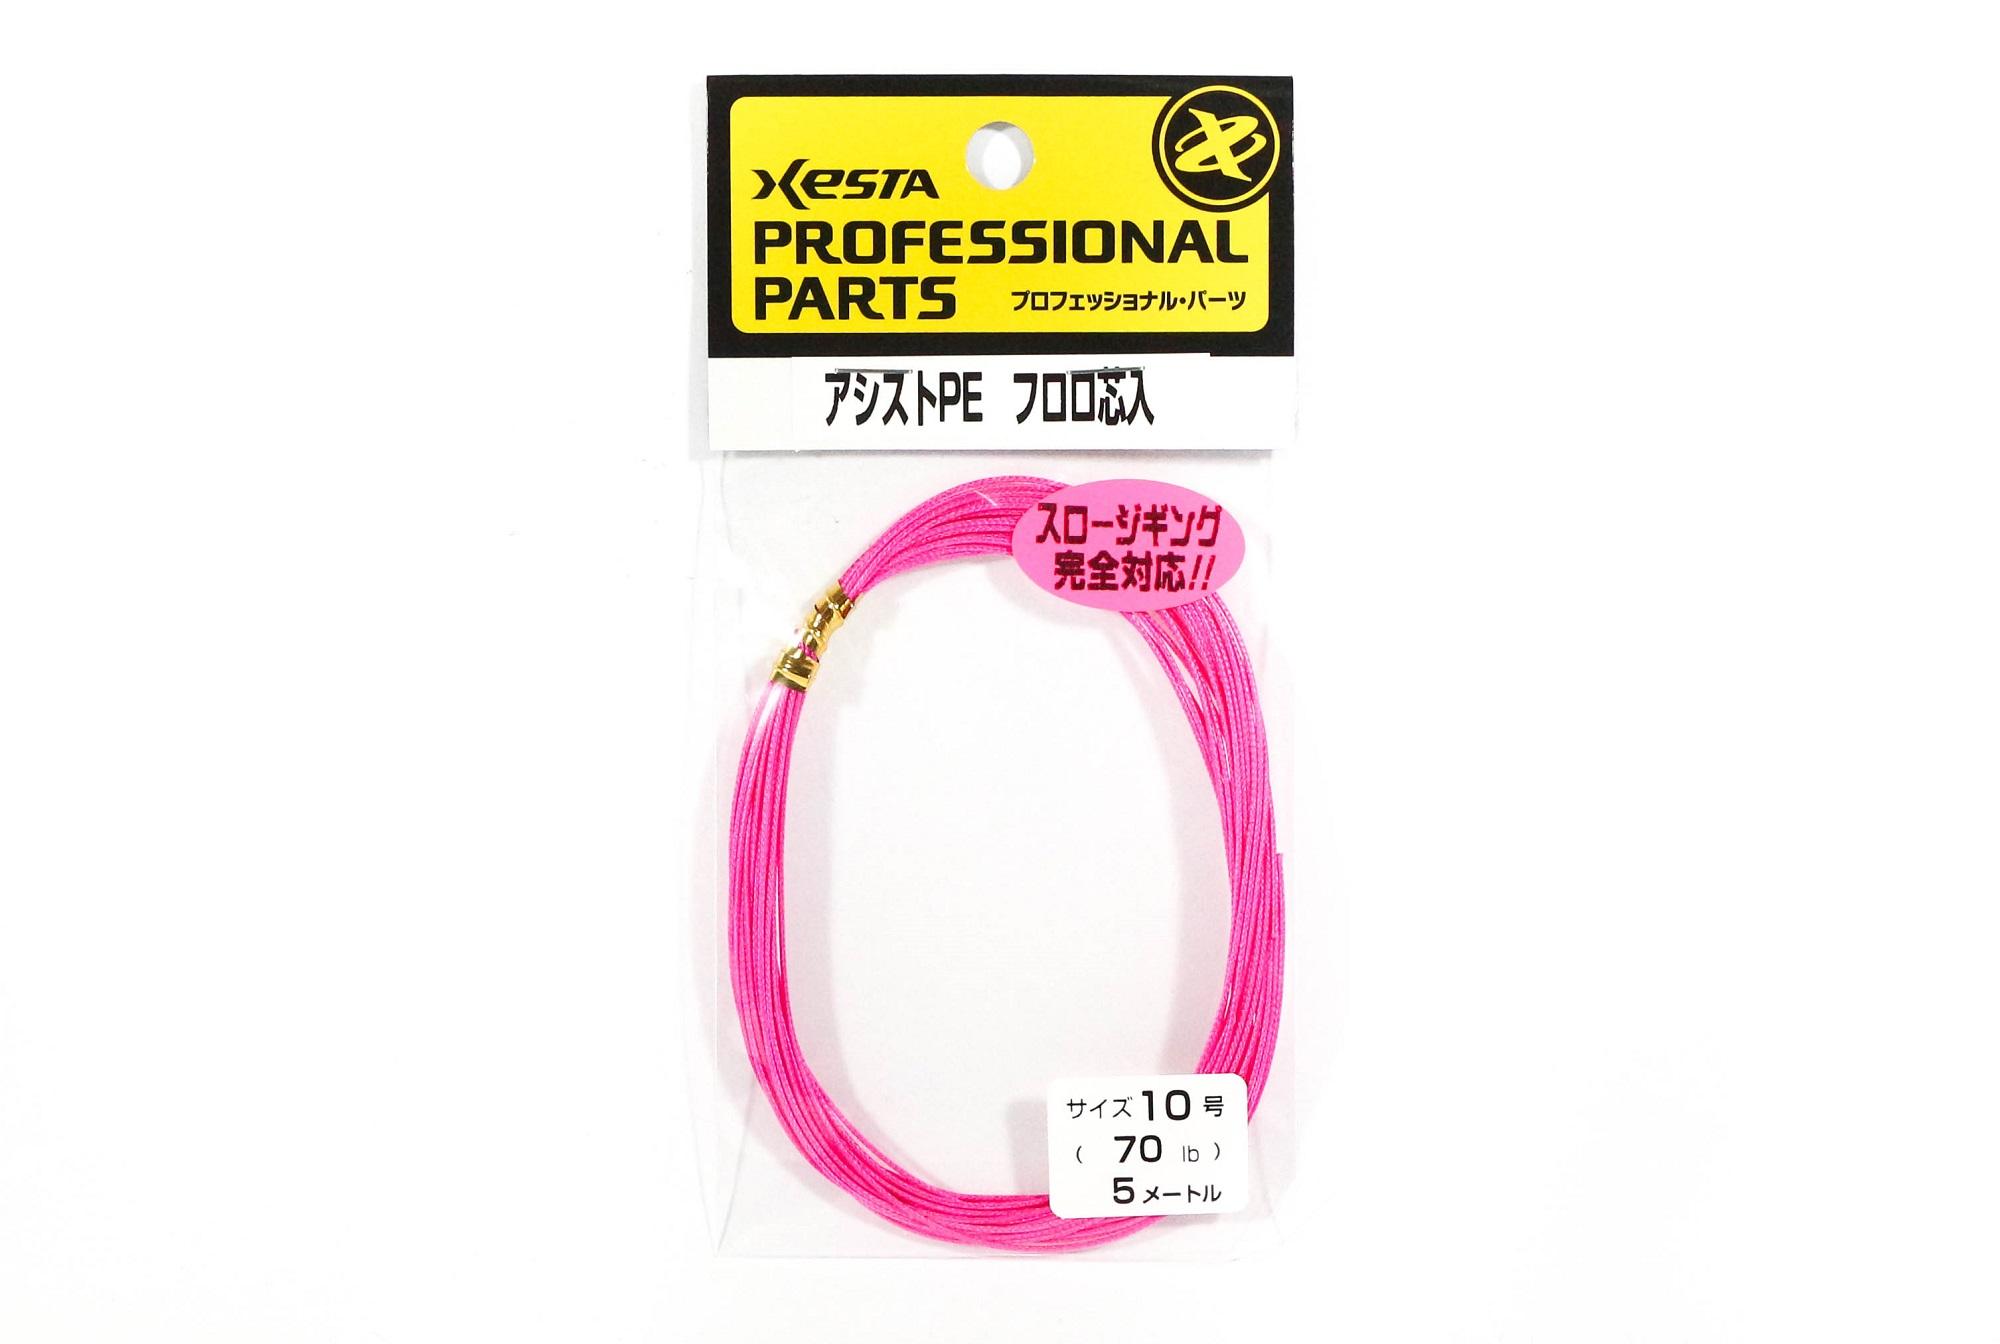 Xesta Assist P.E Fluoro Core Size 10 70lb 5m (5545)